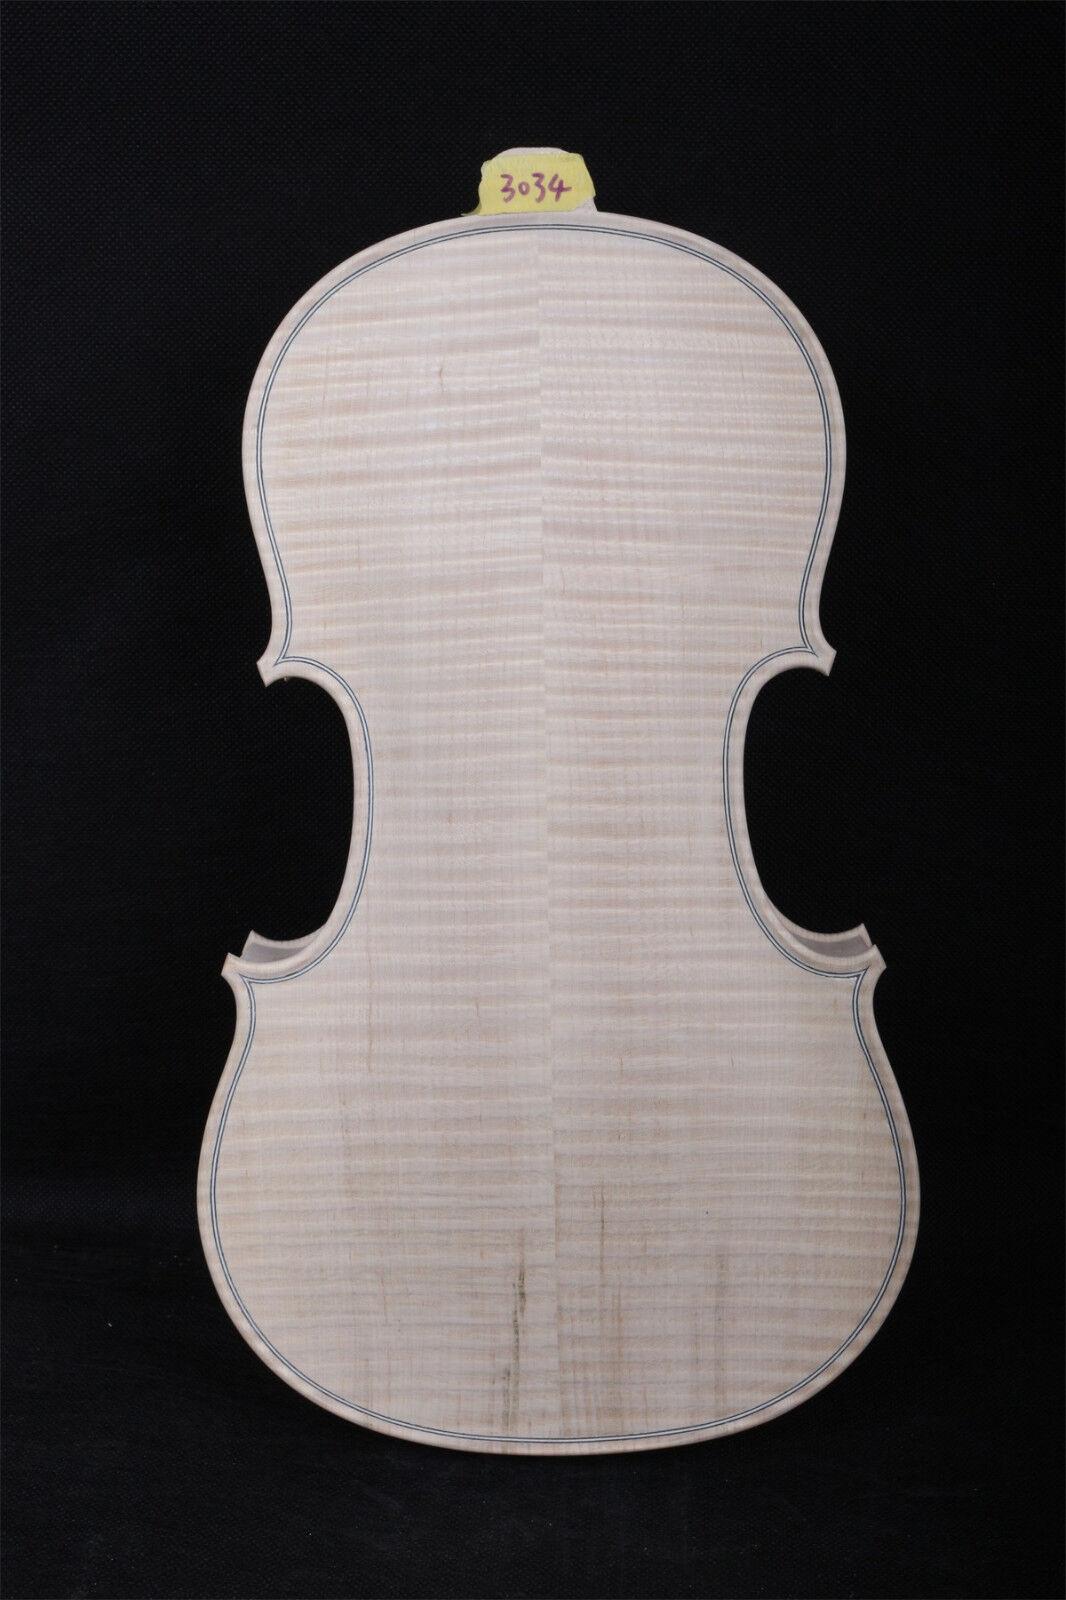 Cuerpo de violín 4 4 llama de de de arce ruso Tapa de abeto blancoo violín cuerpo  3013  venta caliente